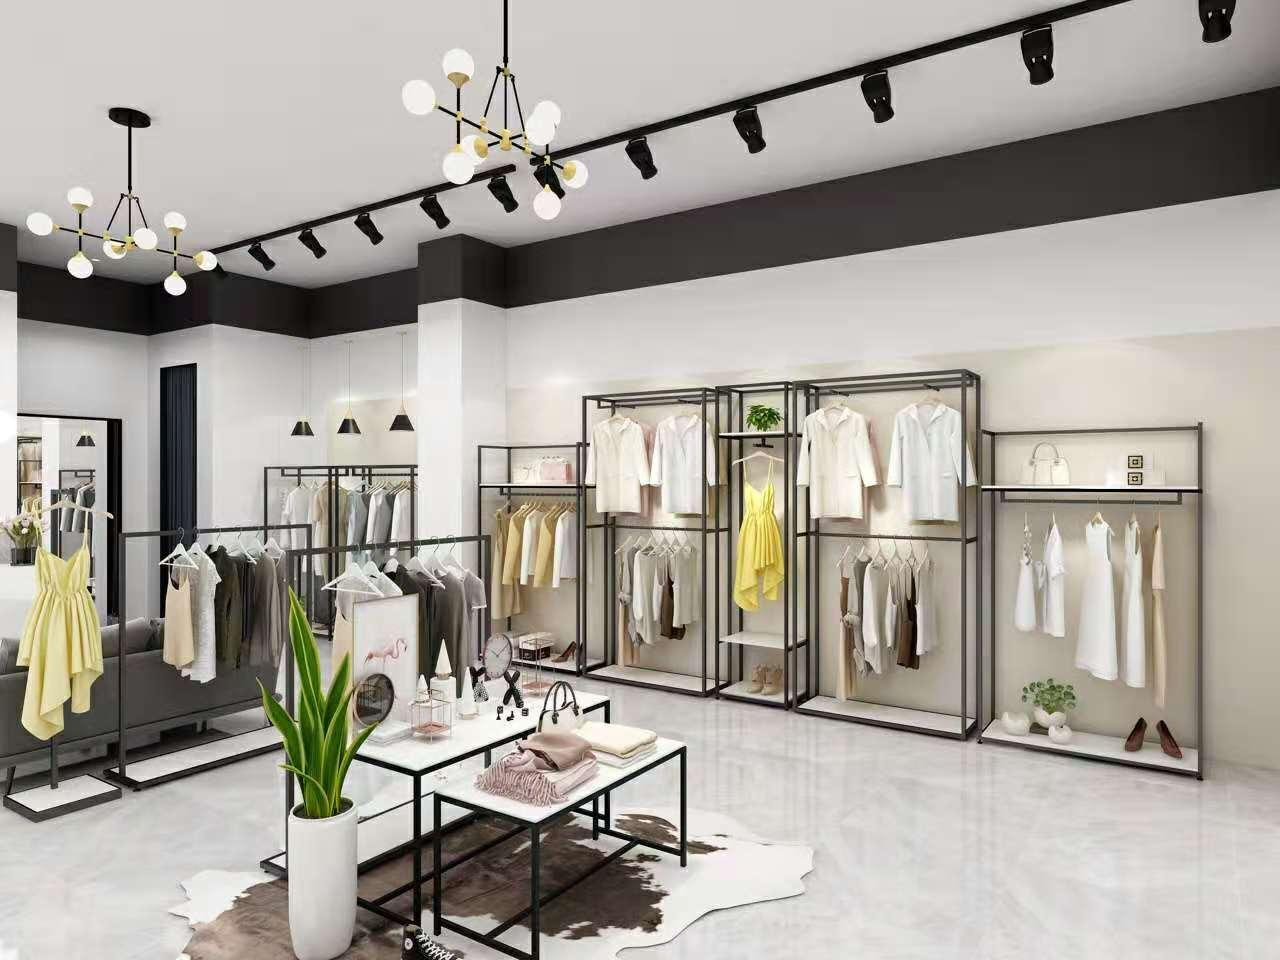 深圳店铺装修:服装店有哪些装修风格?